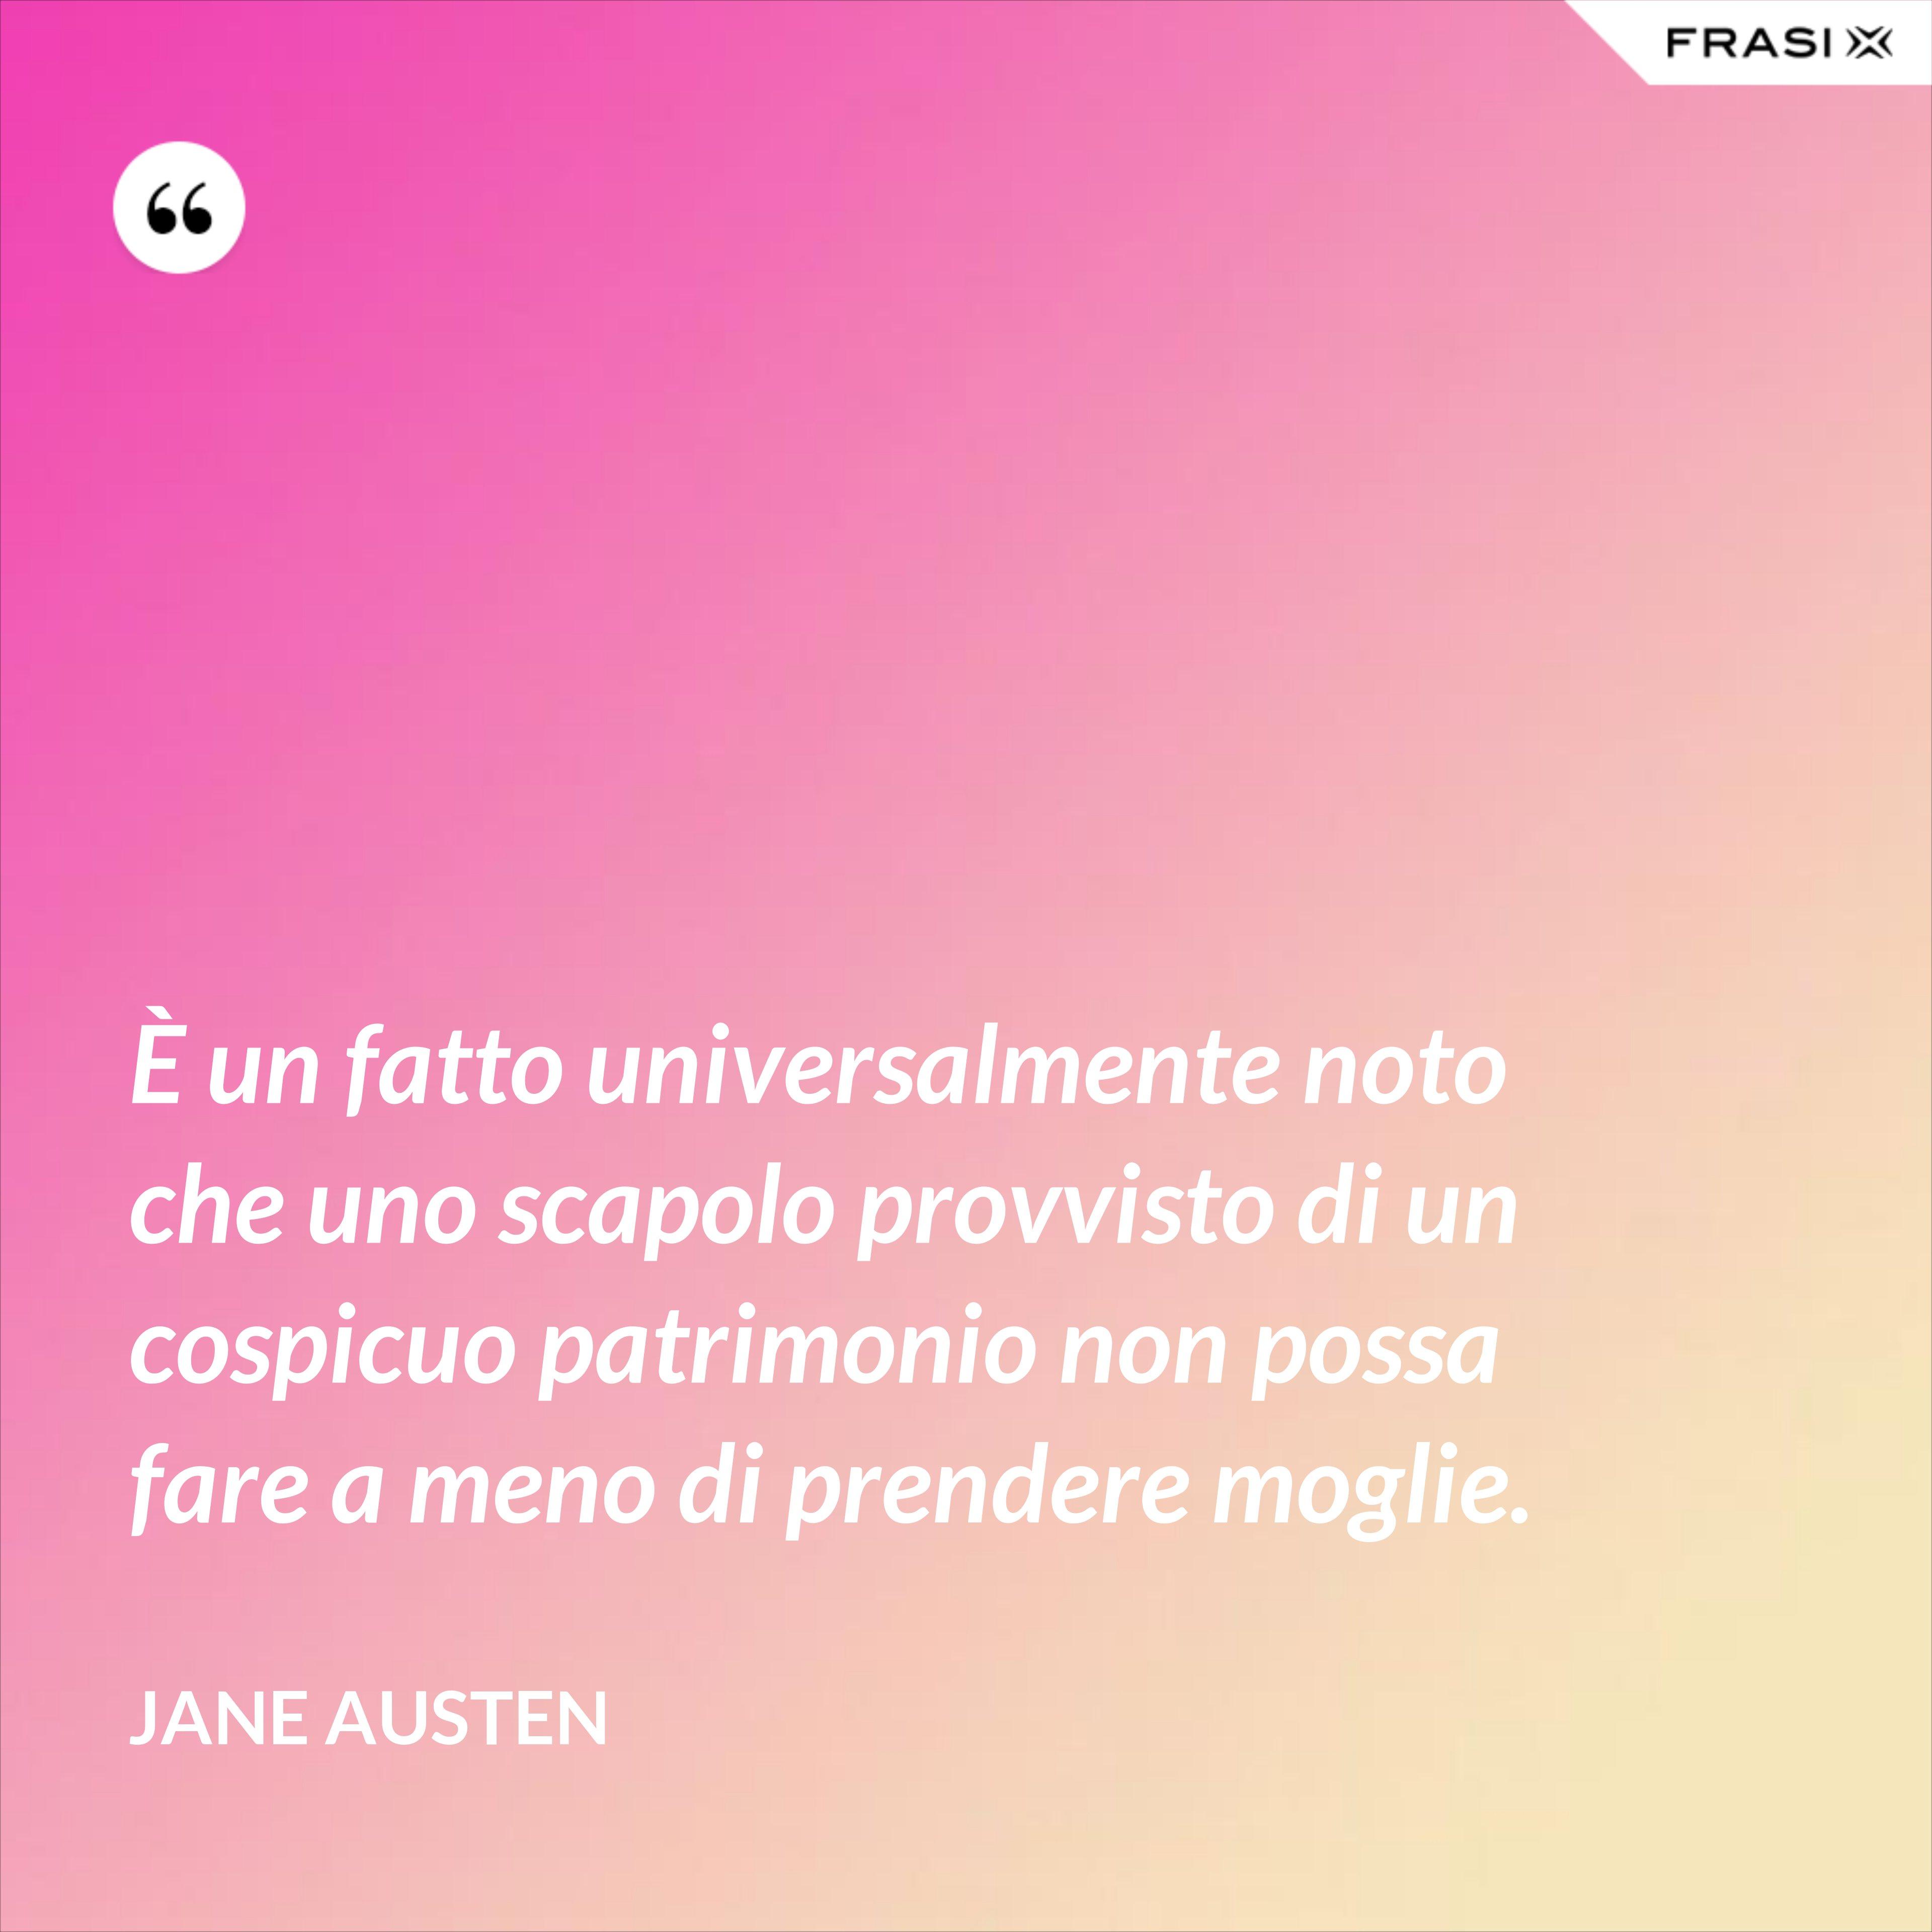 È un fatto universalmente noto che uno scapolo provvisto di un cospicuo patrimonio non possa fare a meno di prendere moglie. - Jane Austen